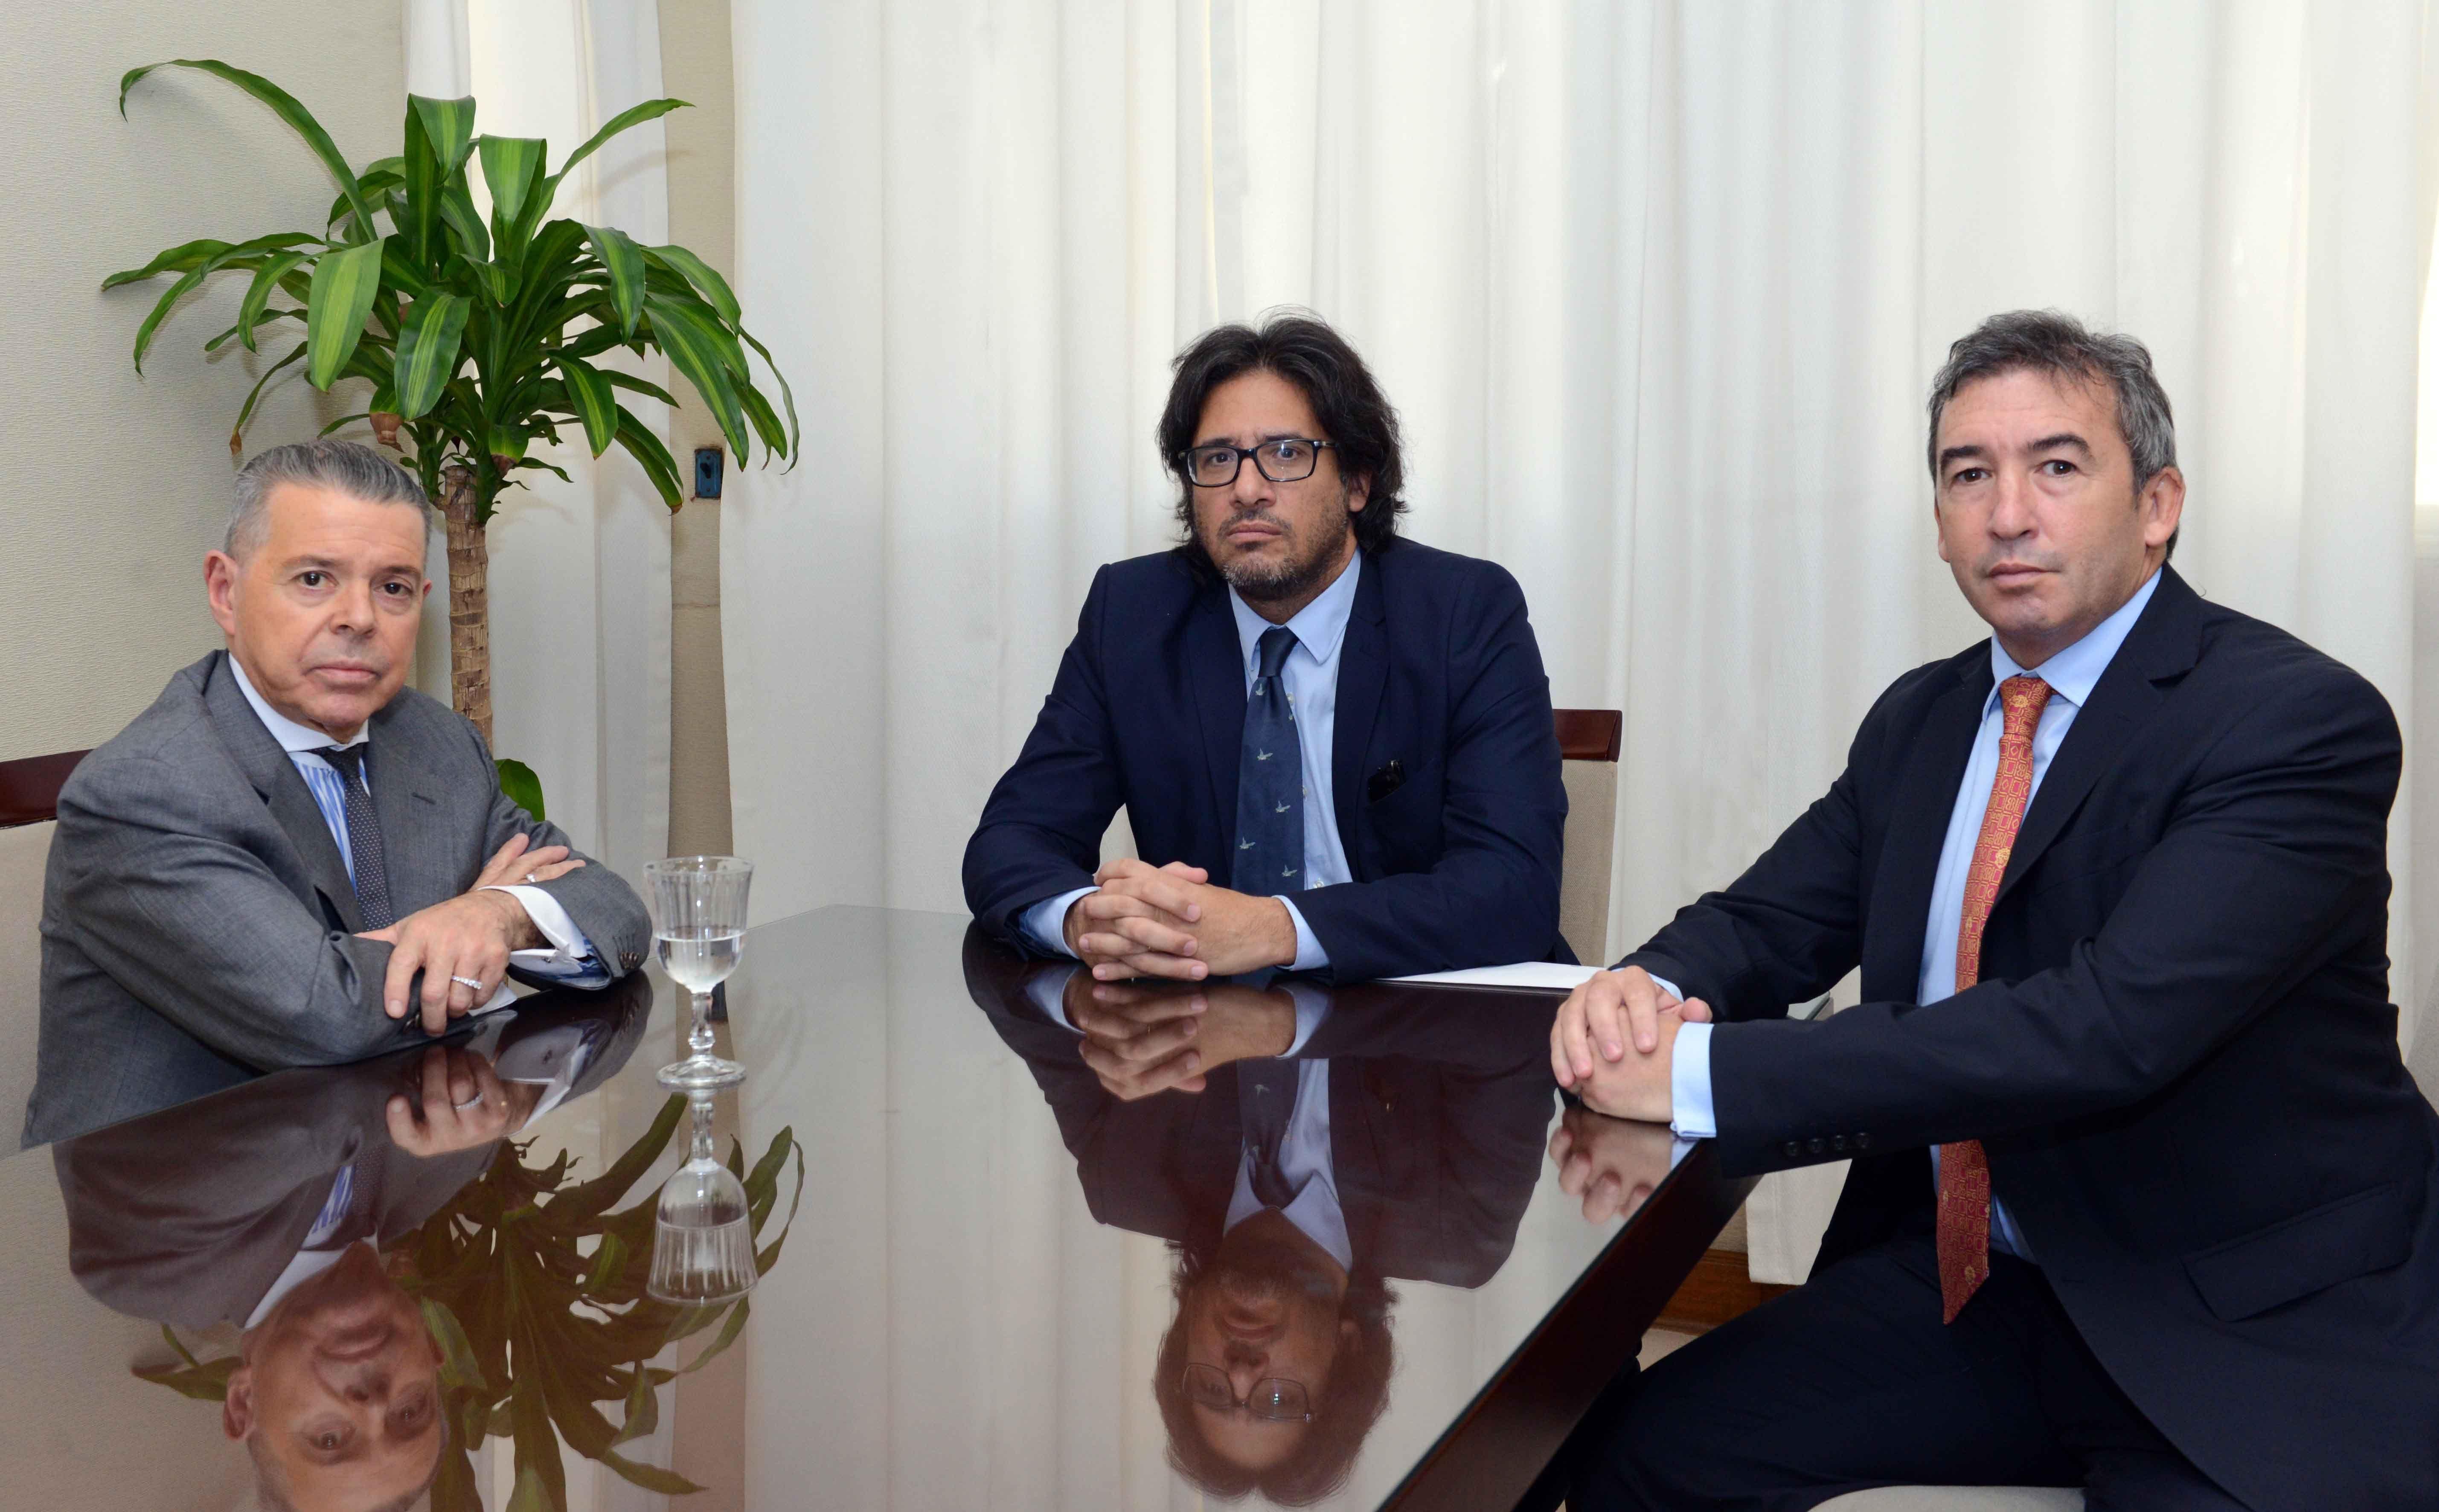 Oficial: el juez Oyarbide presentó su renuncia al ministro de Justicia